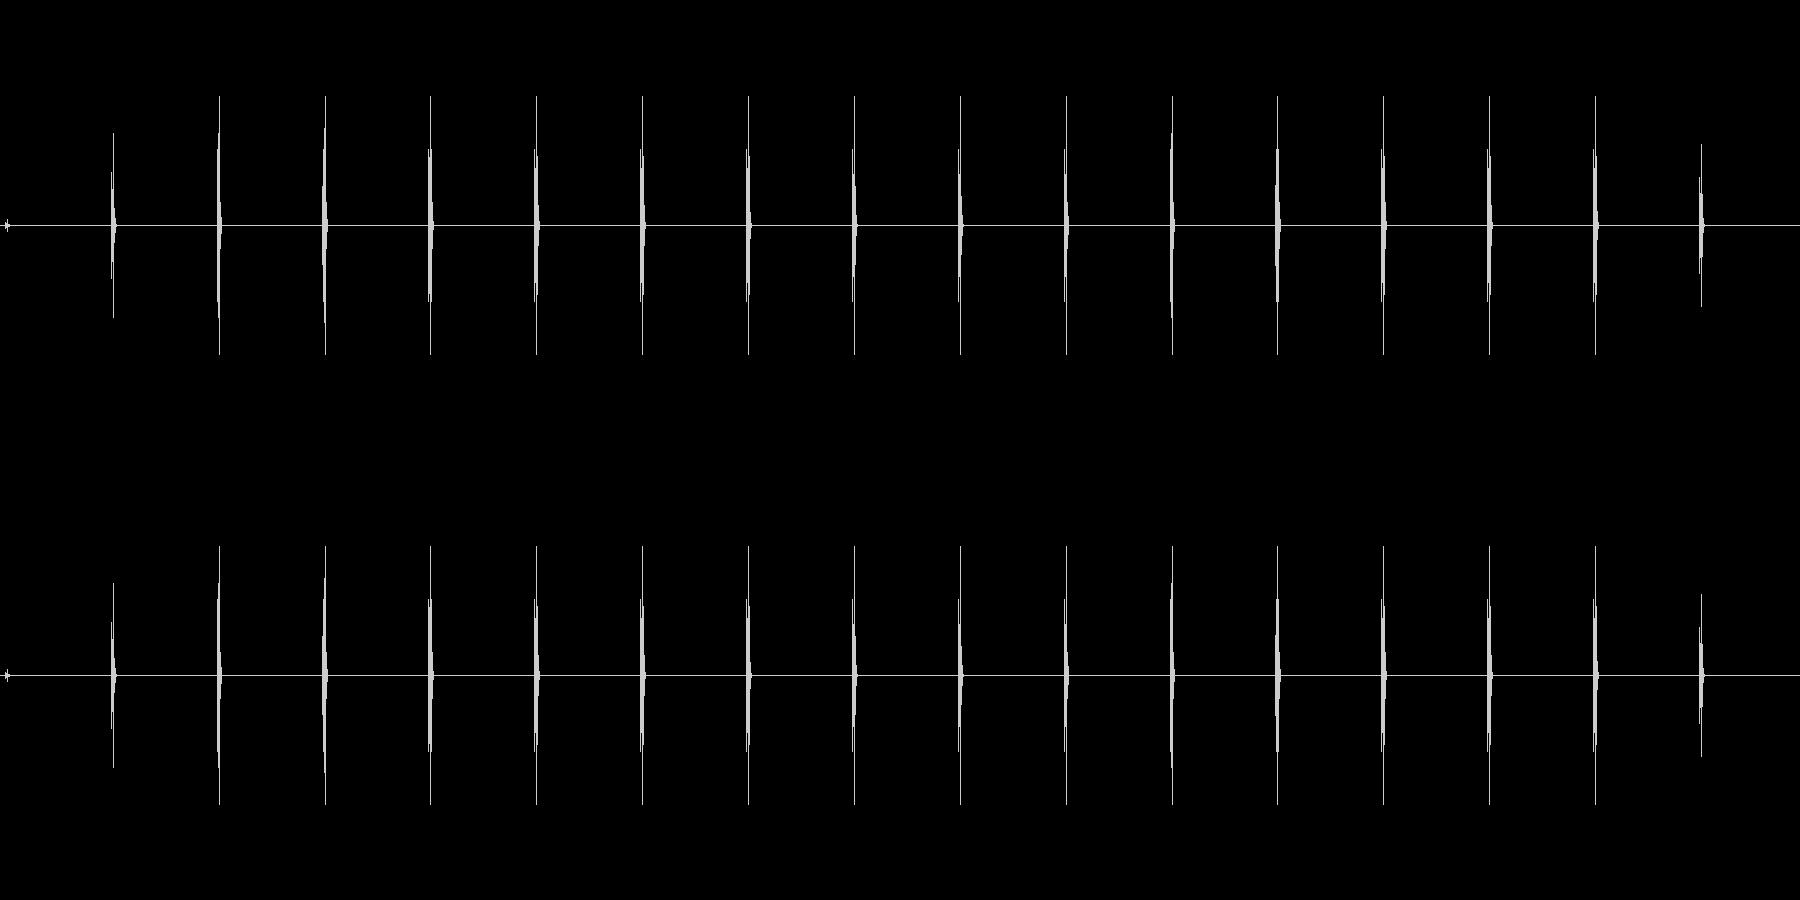 時計 ticktock_40-5_dryの未再生の波形